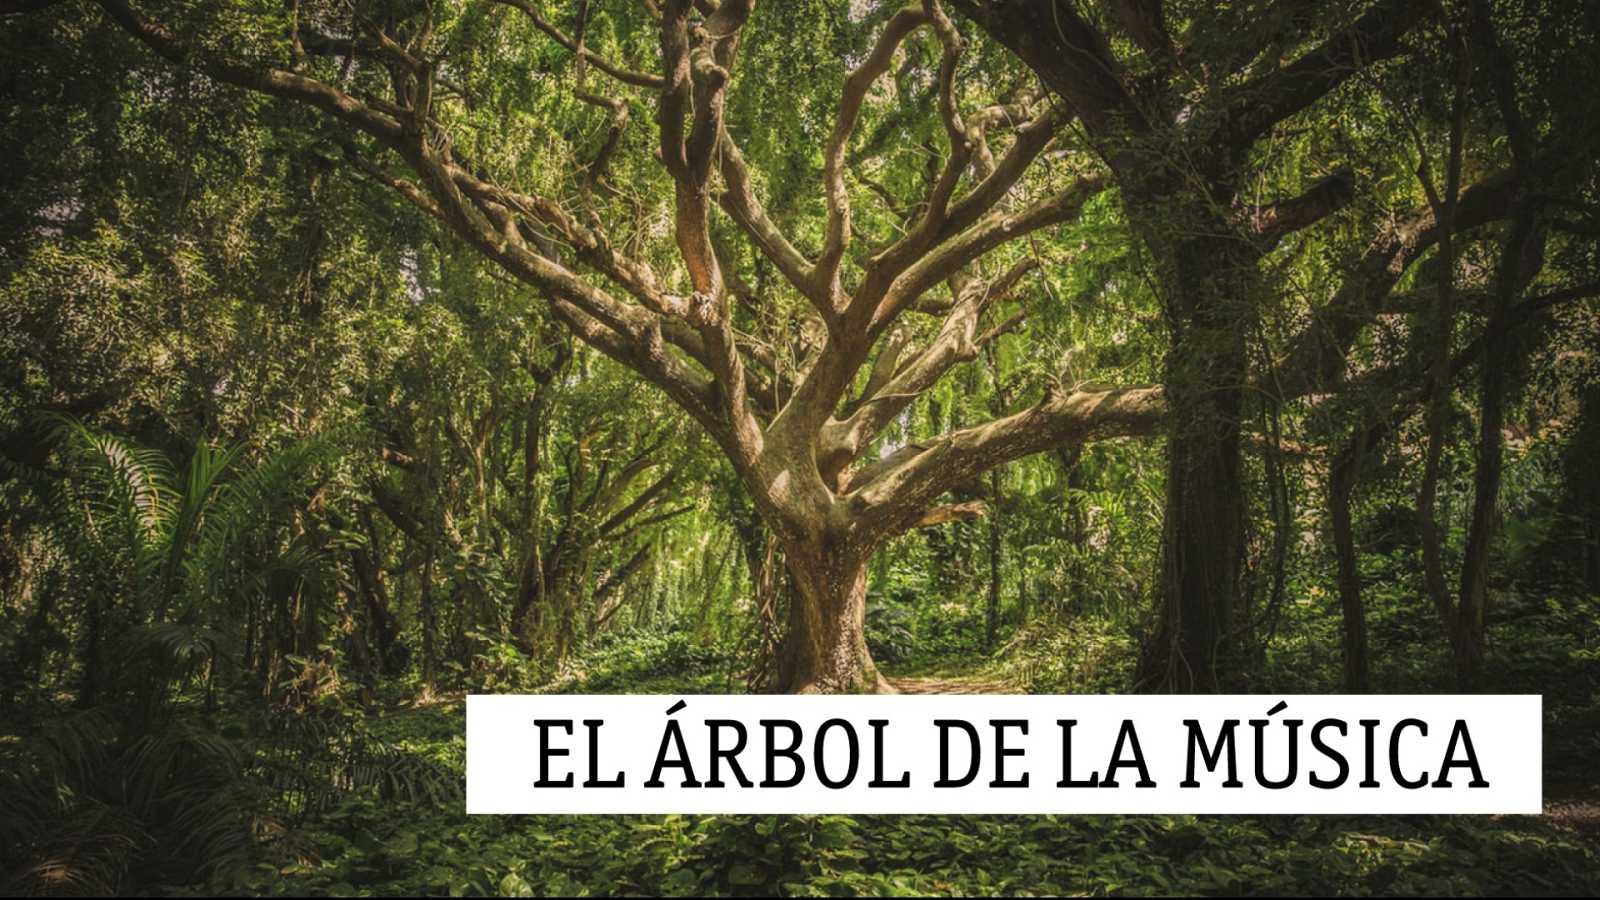 El árbol de la música - La bella y la bestia - 25/04/21 - escuchar ahora